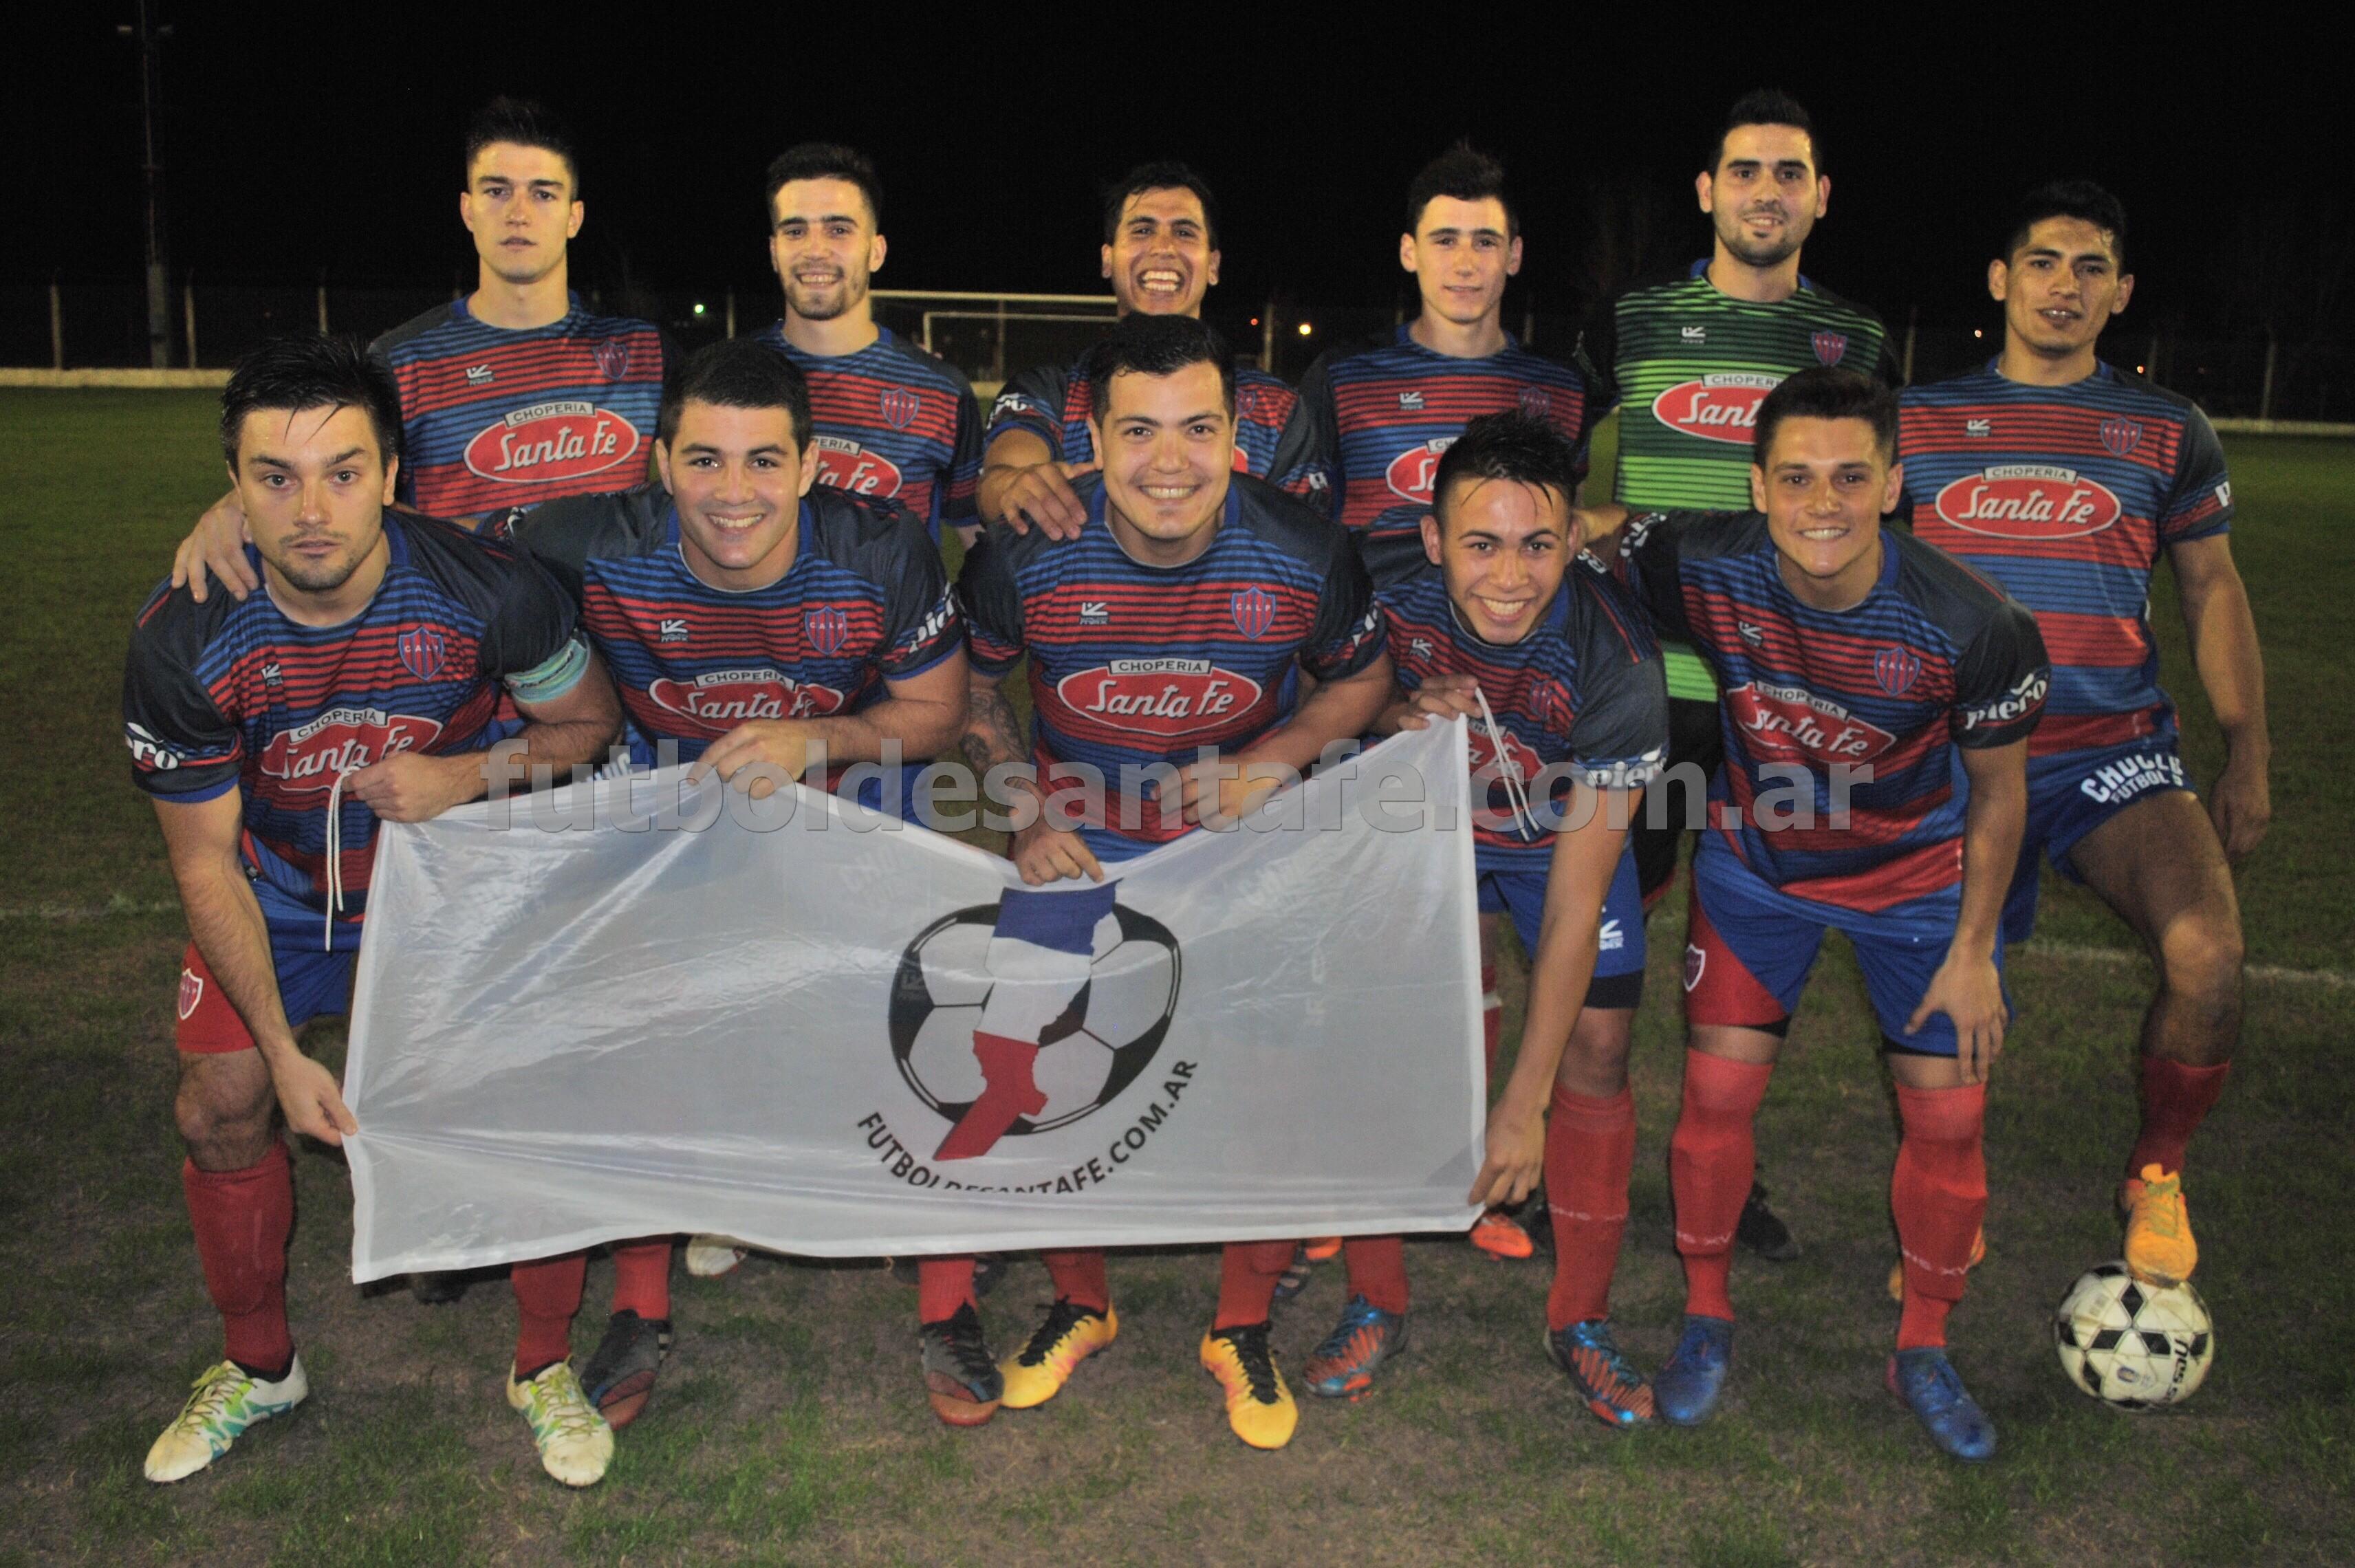 Independiente 1 - La Perla del Oeste 2 (Comentario del partido)